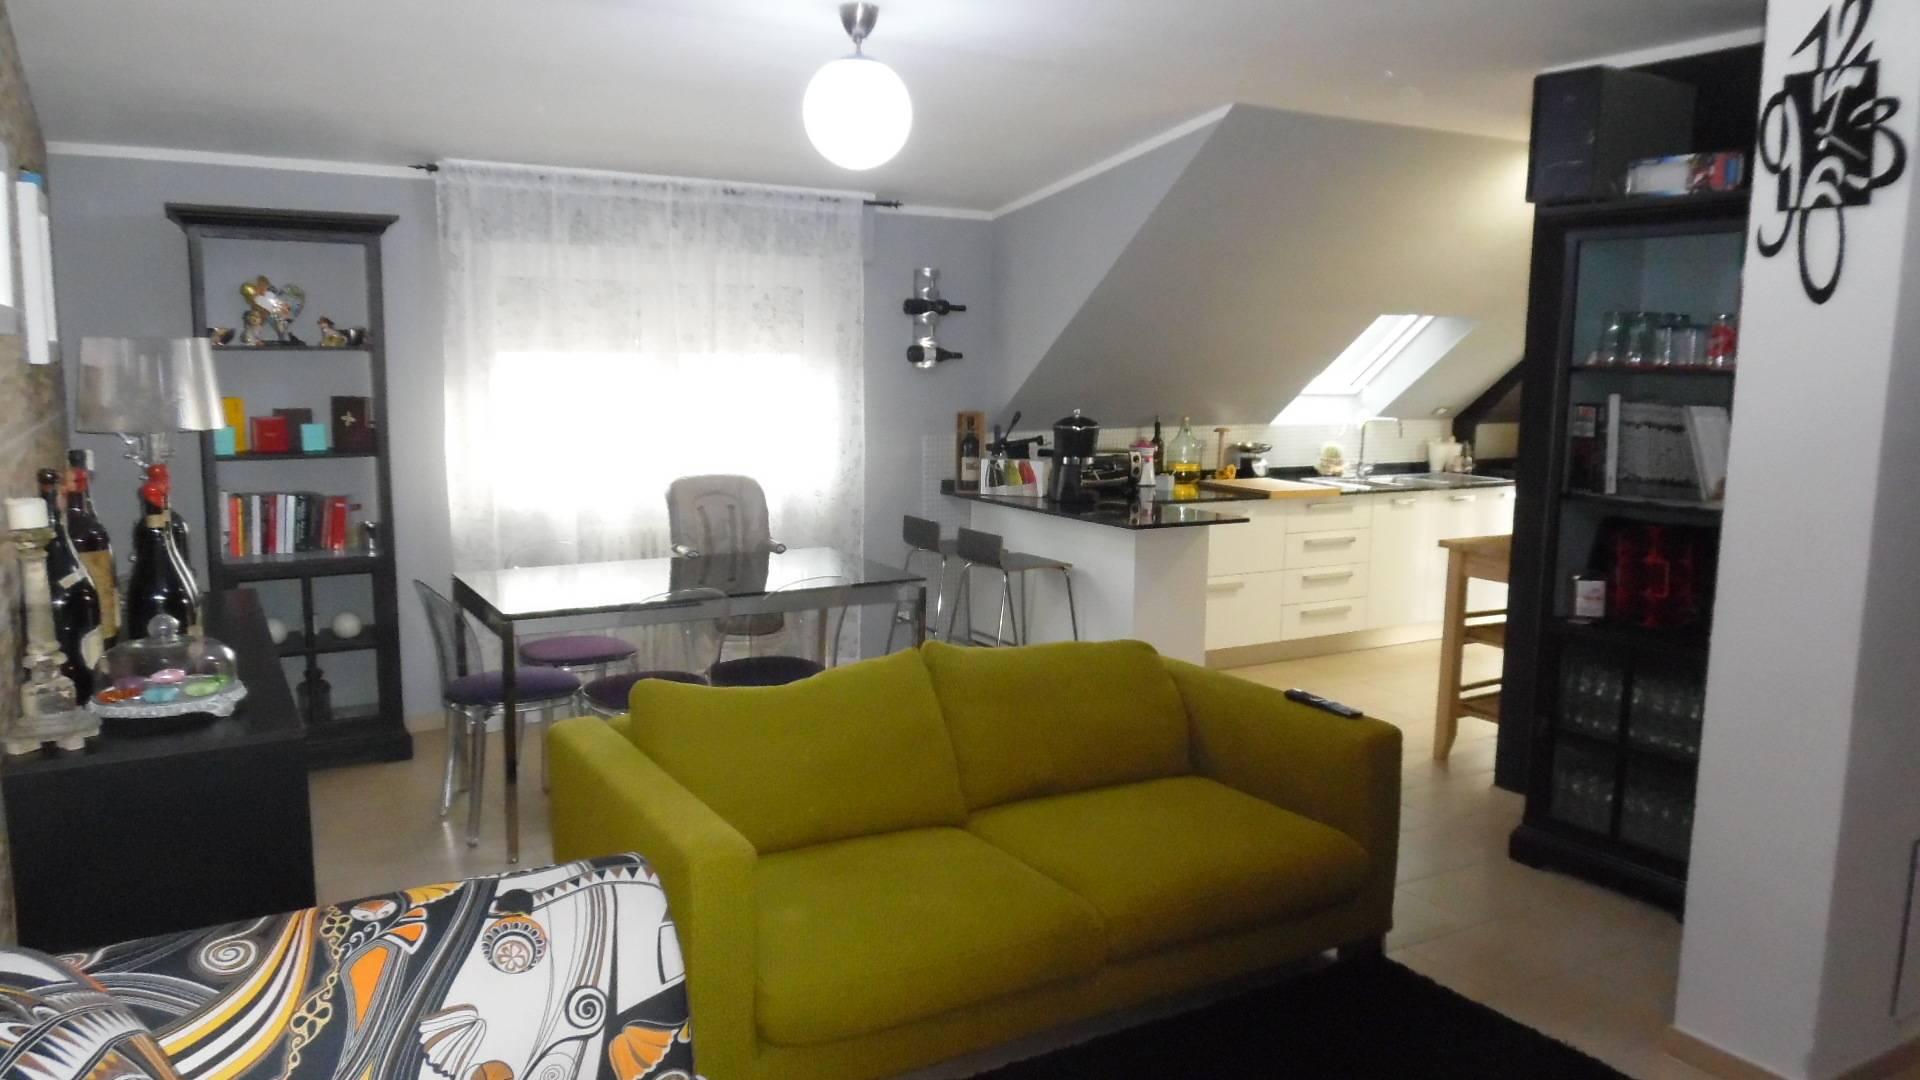 Appartamento in vendita a San Benedetto del Tronto, 3 locali, zona Località: PortodAscoli, prezzo € 130.000   CambioCasa.it